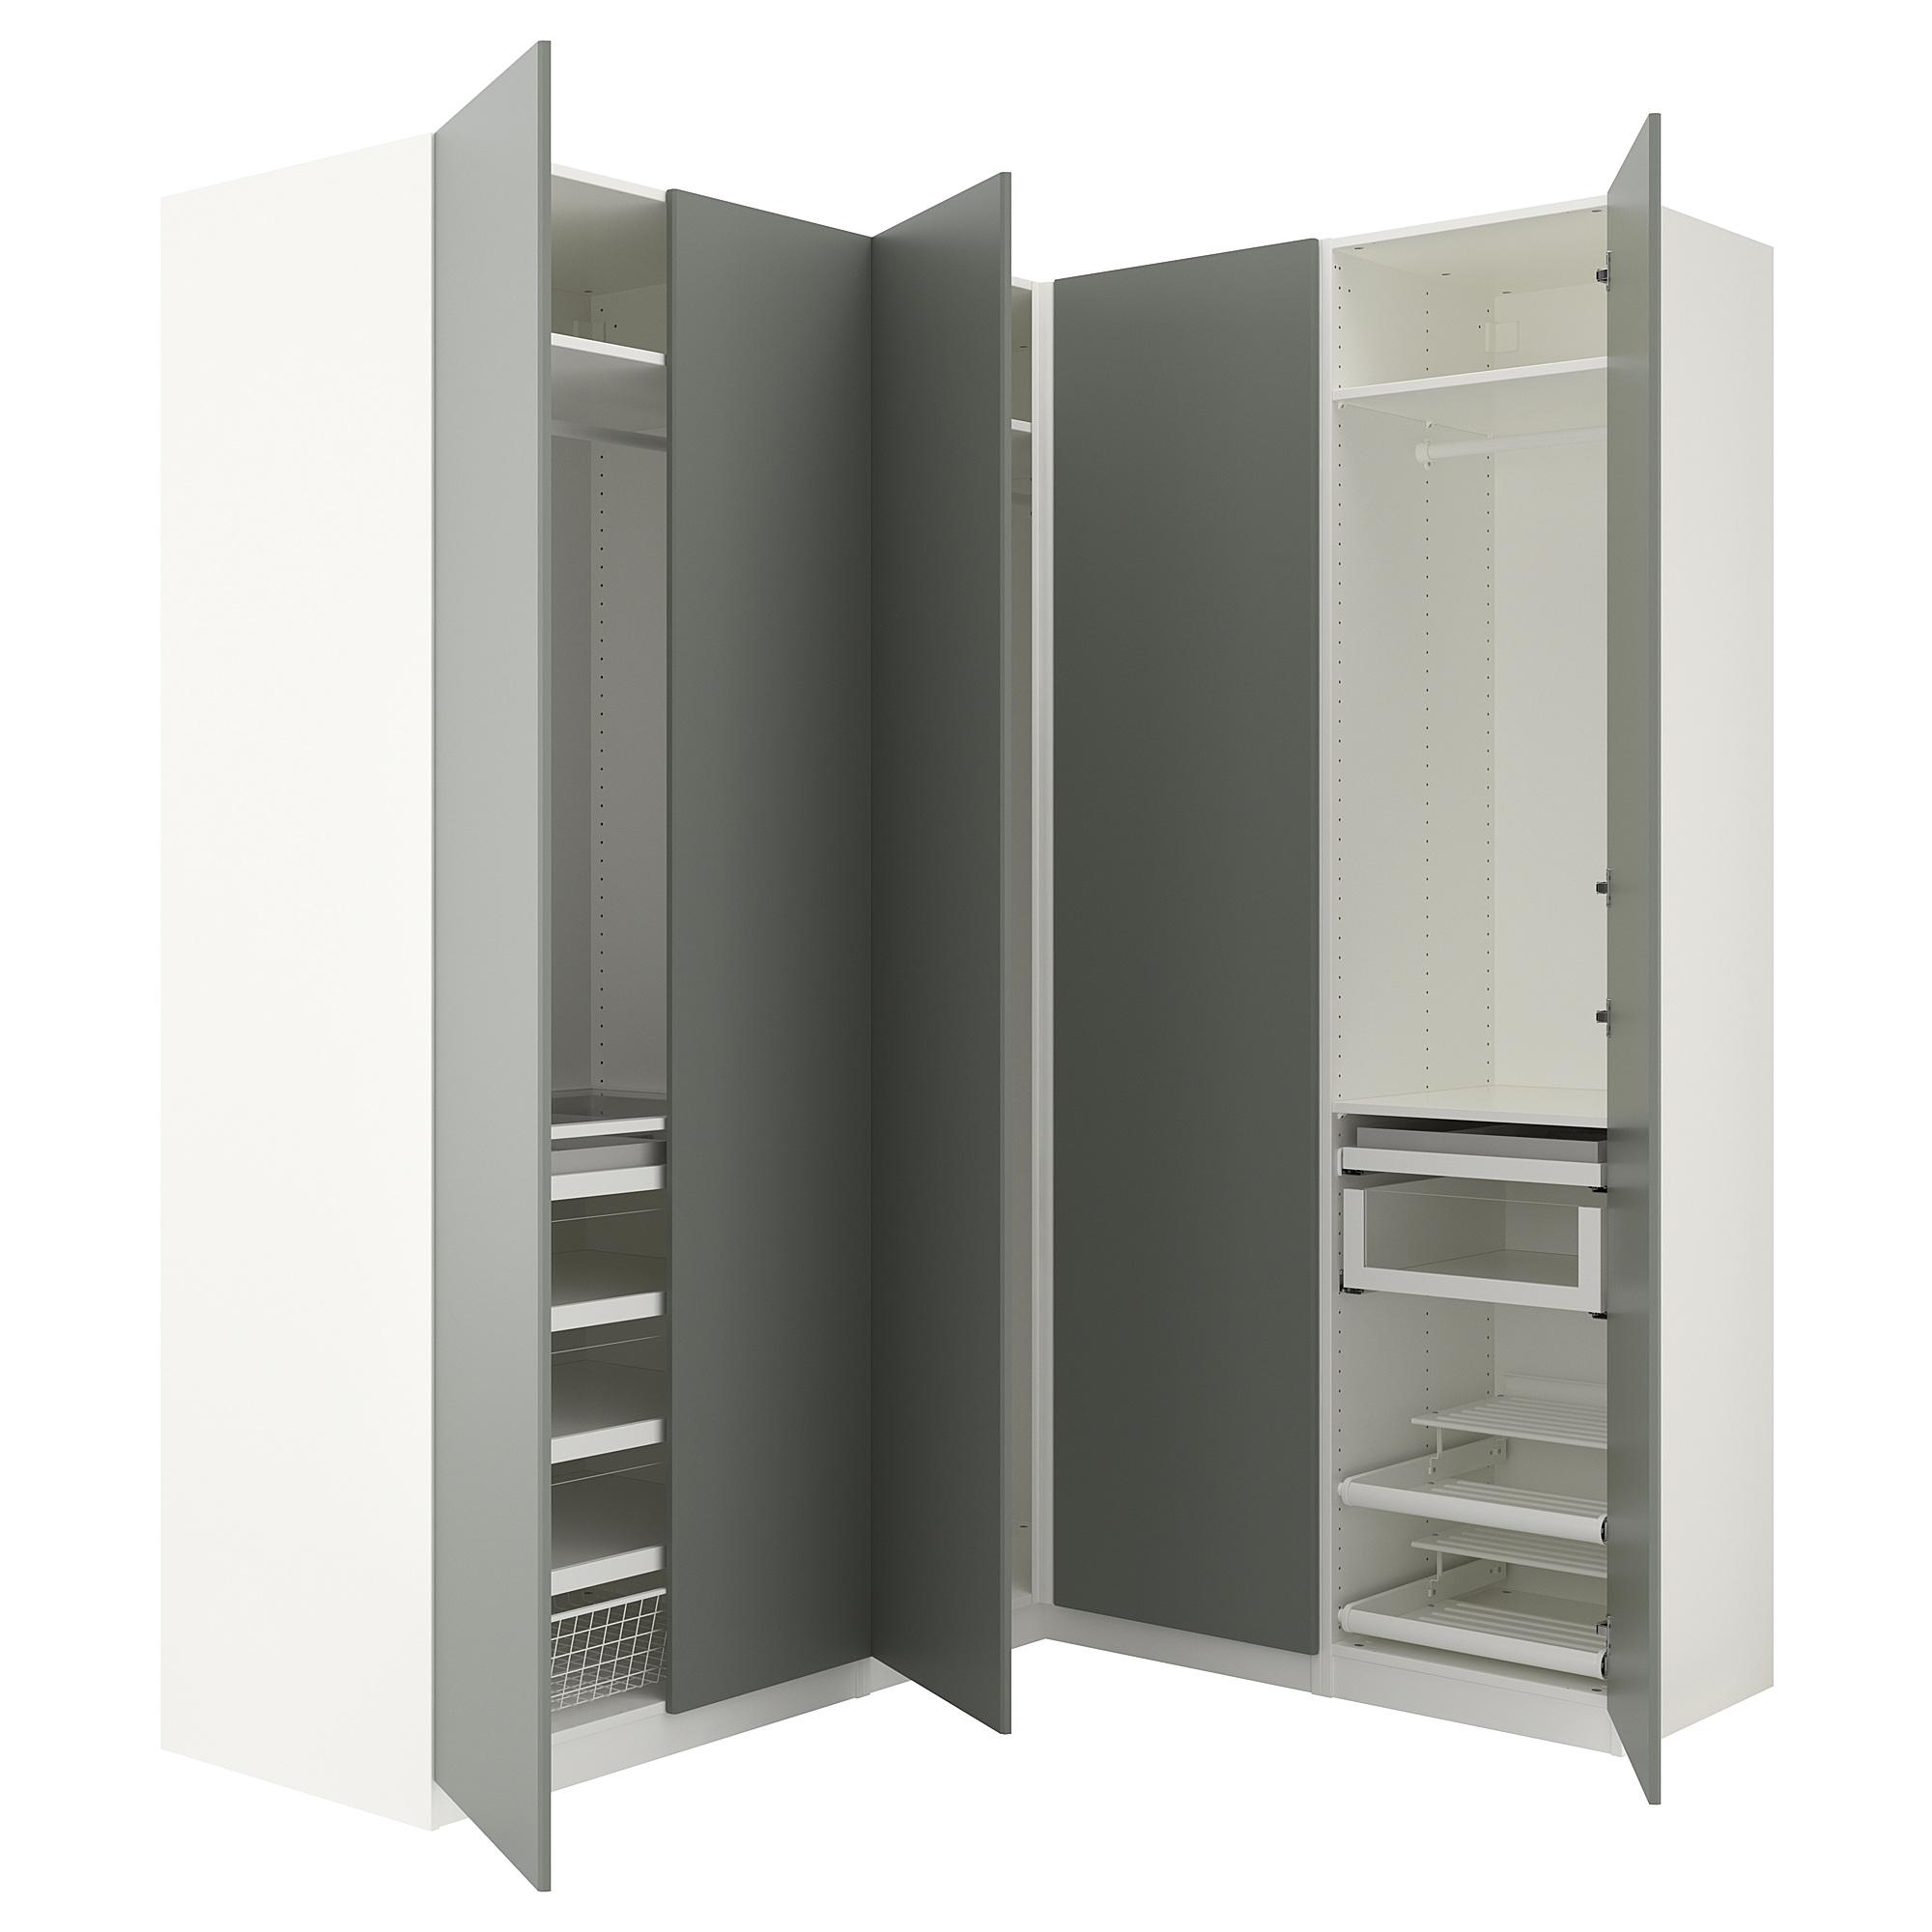 Гардероб угловой ПАКС серо-зеленый артикуль № 892.656.81 в наличии. Online сайт IKEA РБ. Недорогая доставка и соборка.